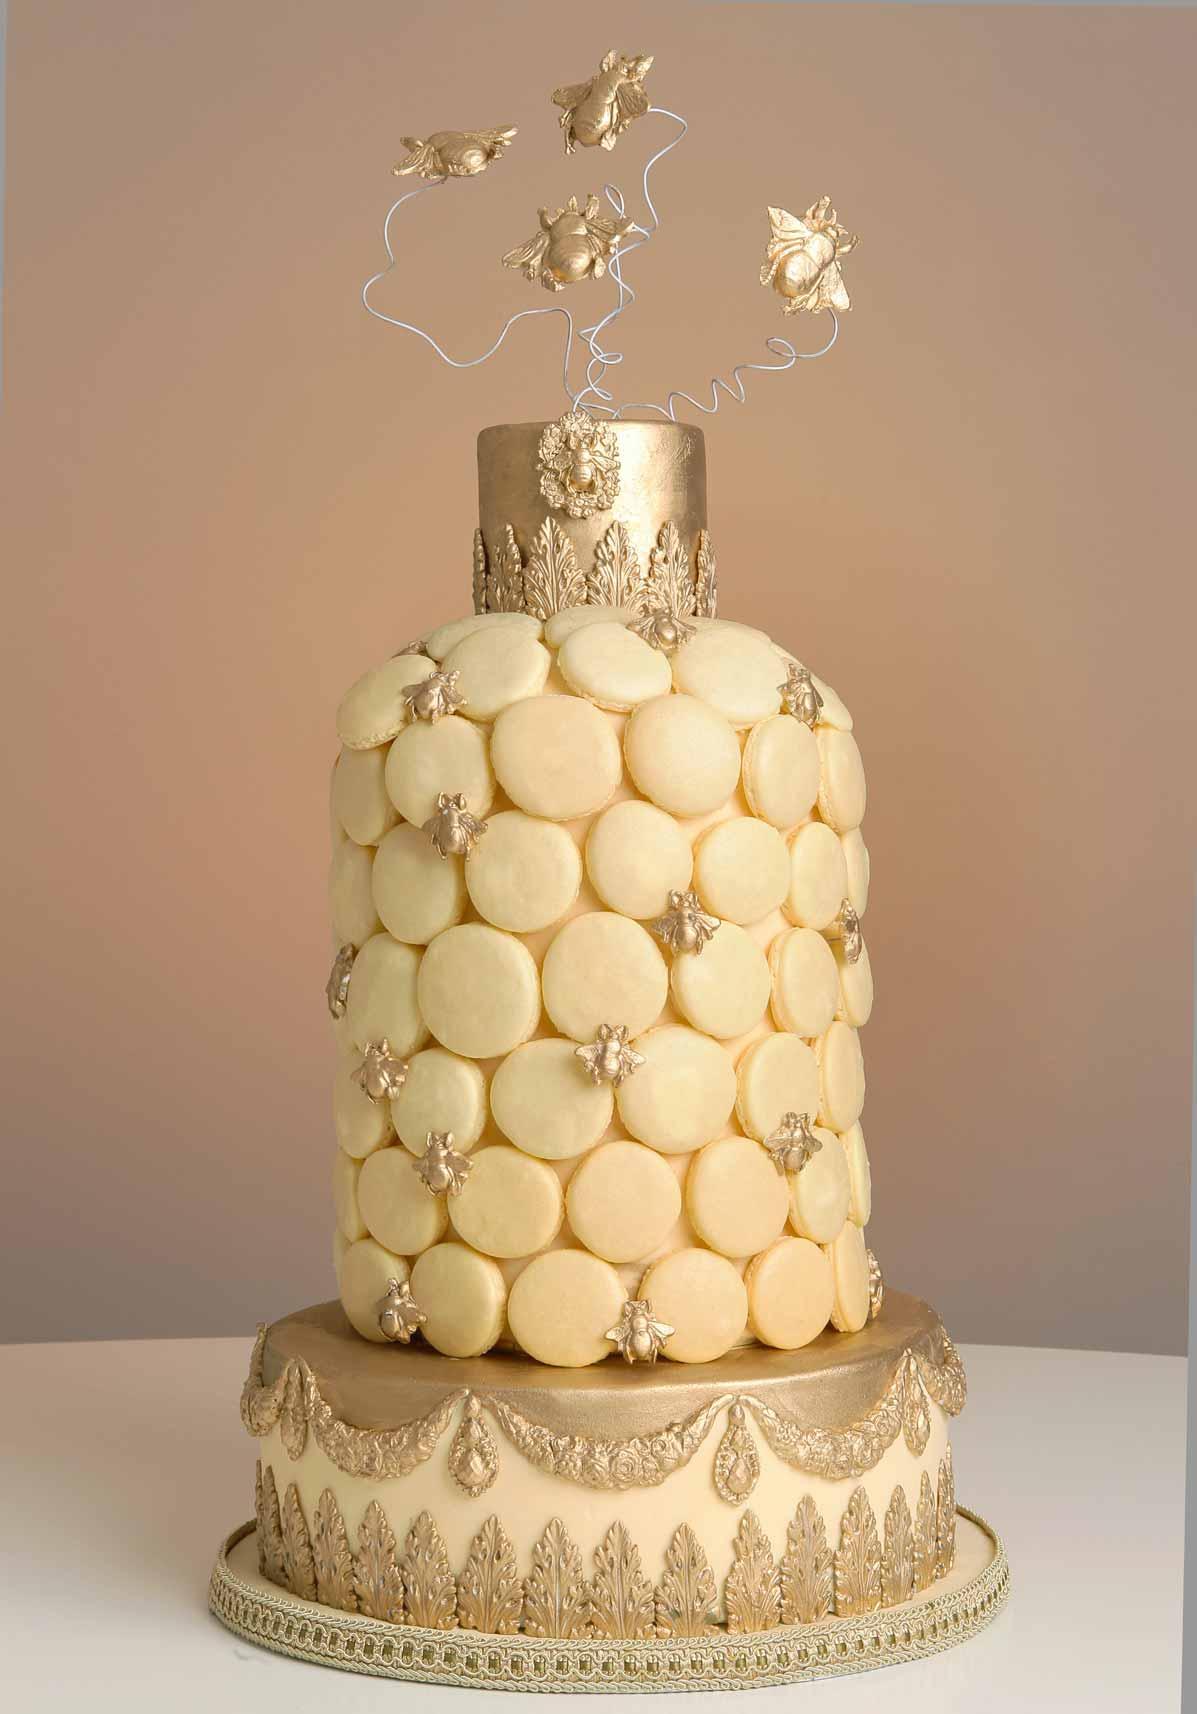 Wedding Cakes | Elizabeths Cake Emporium